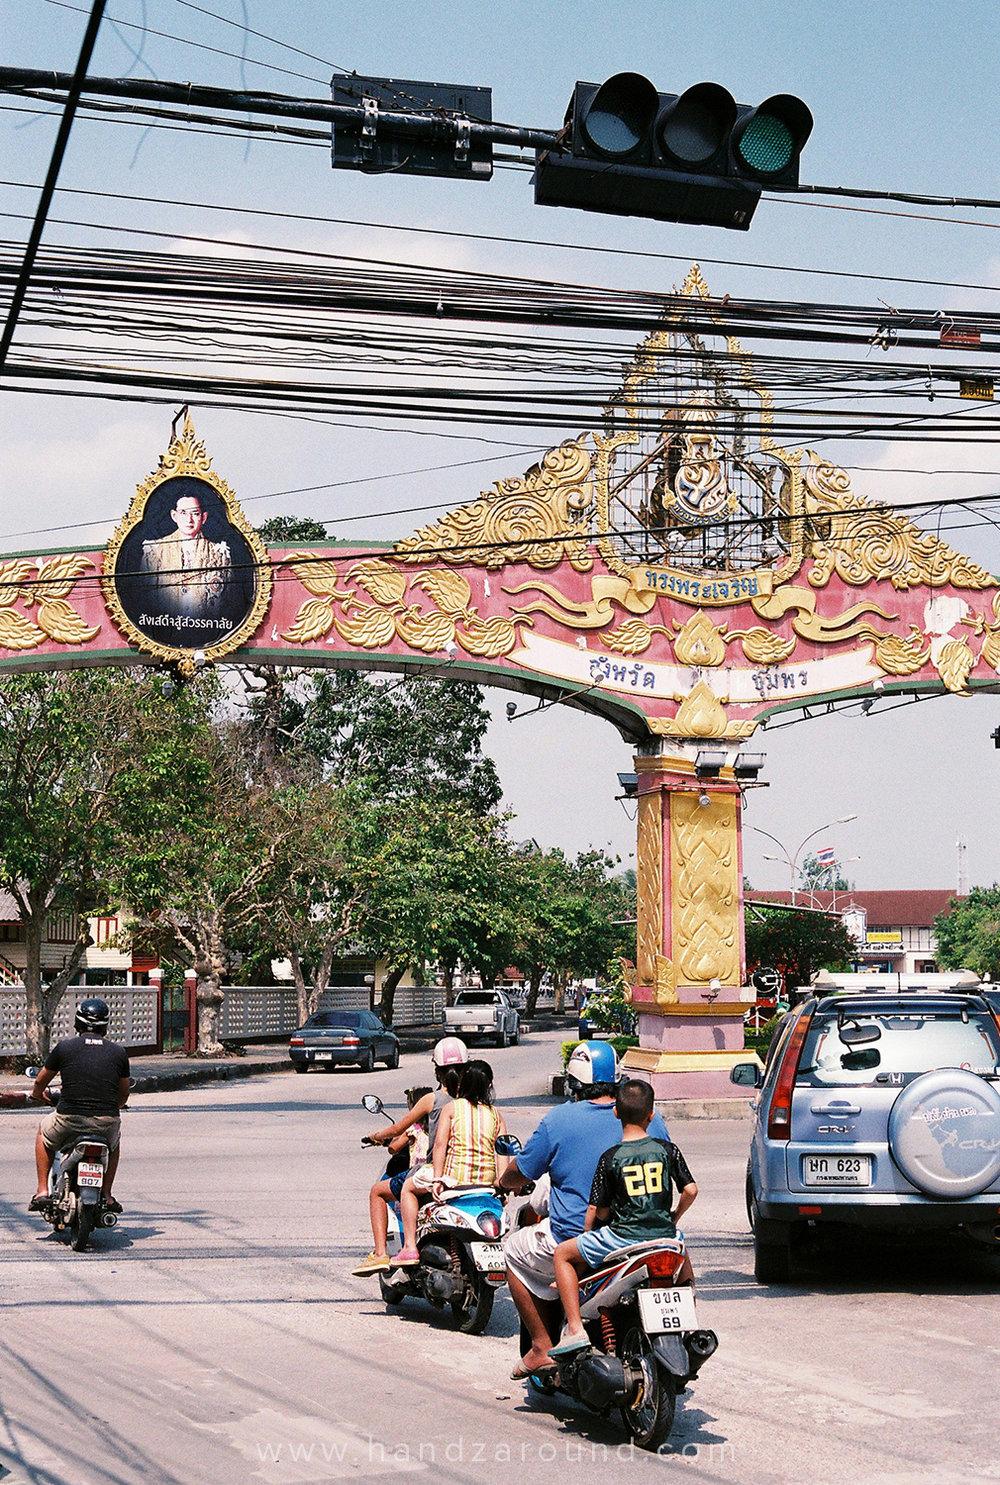 010_Chumphon_Thailand_Photo_Story_HandZaround.jpg